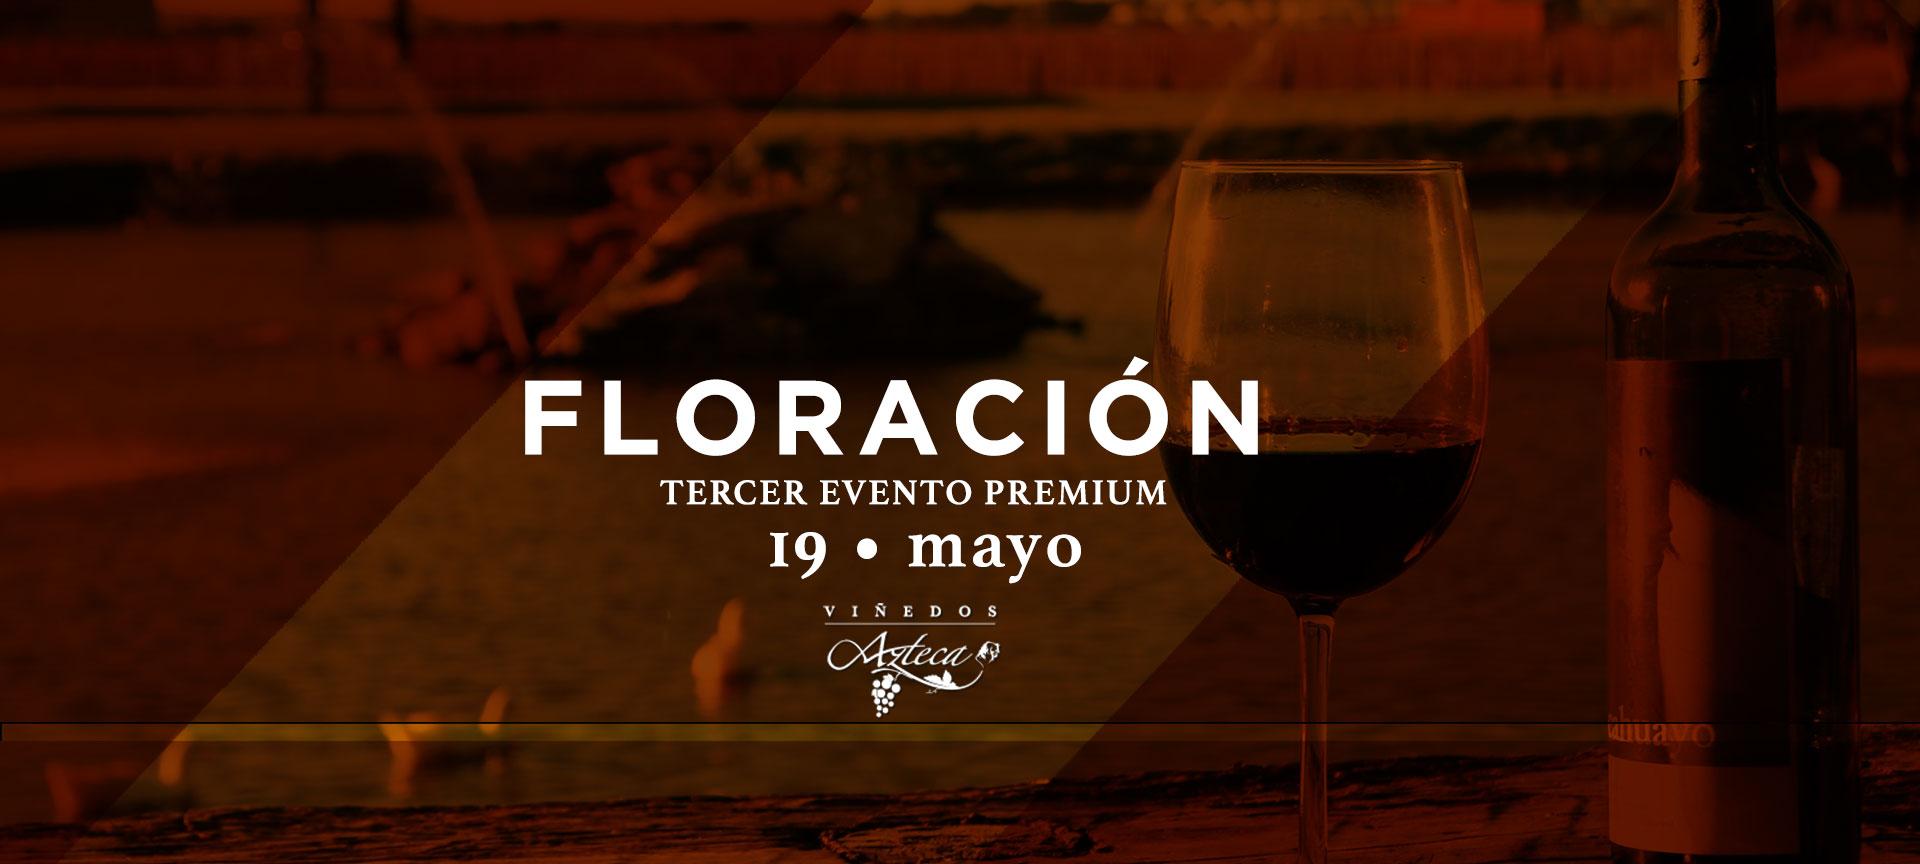 floracion-evento-slide